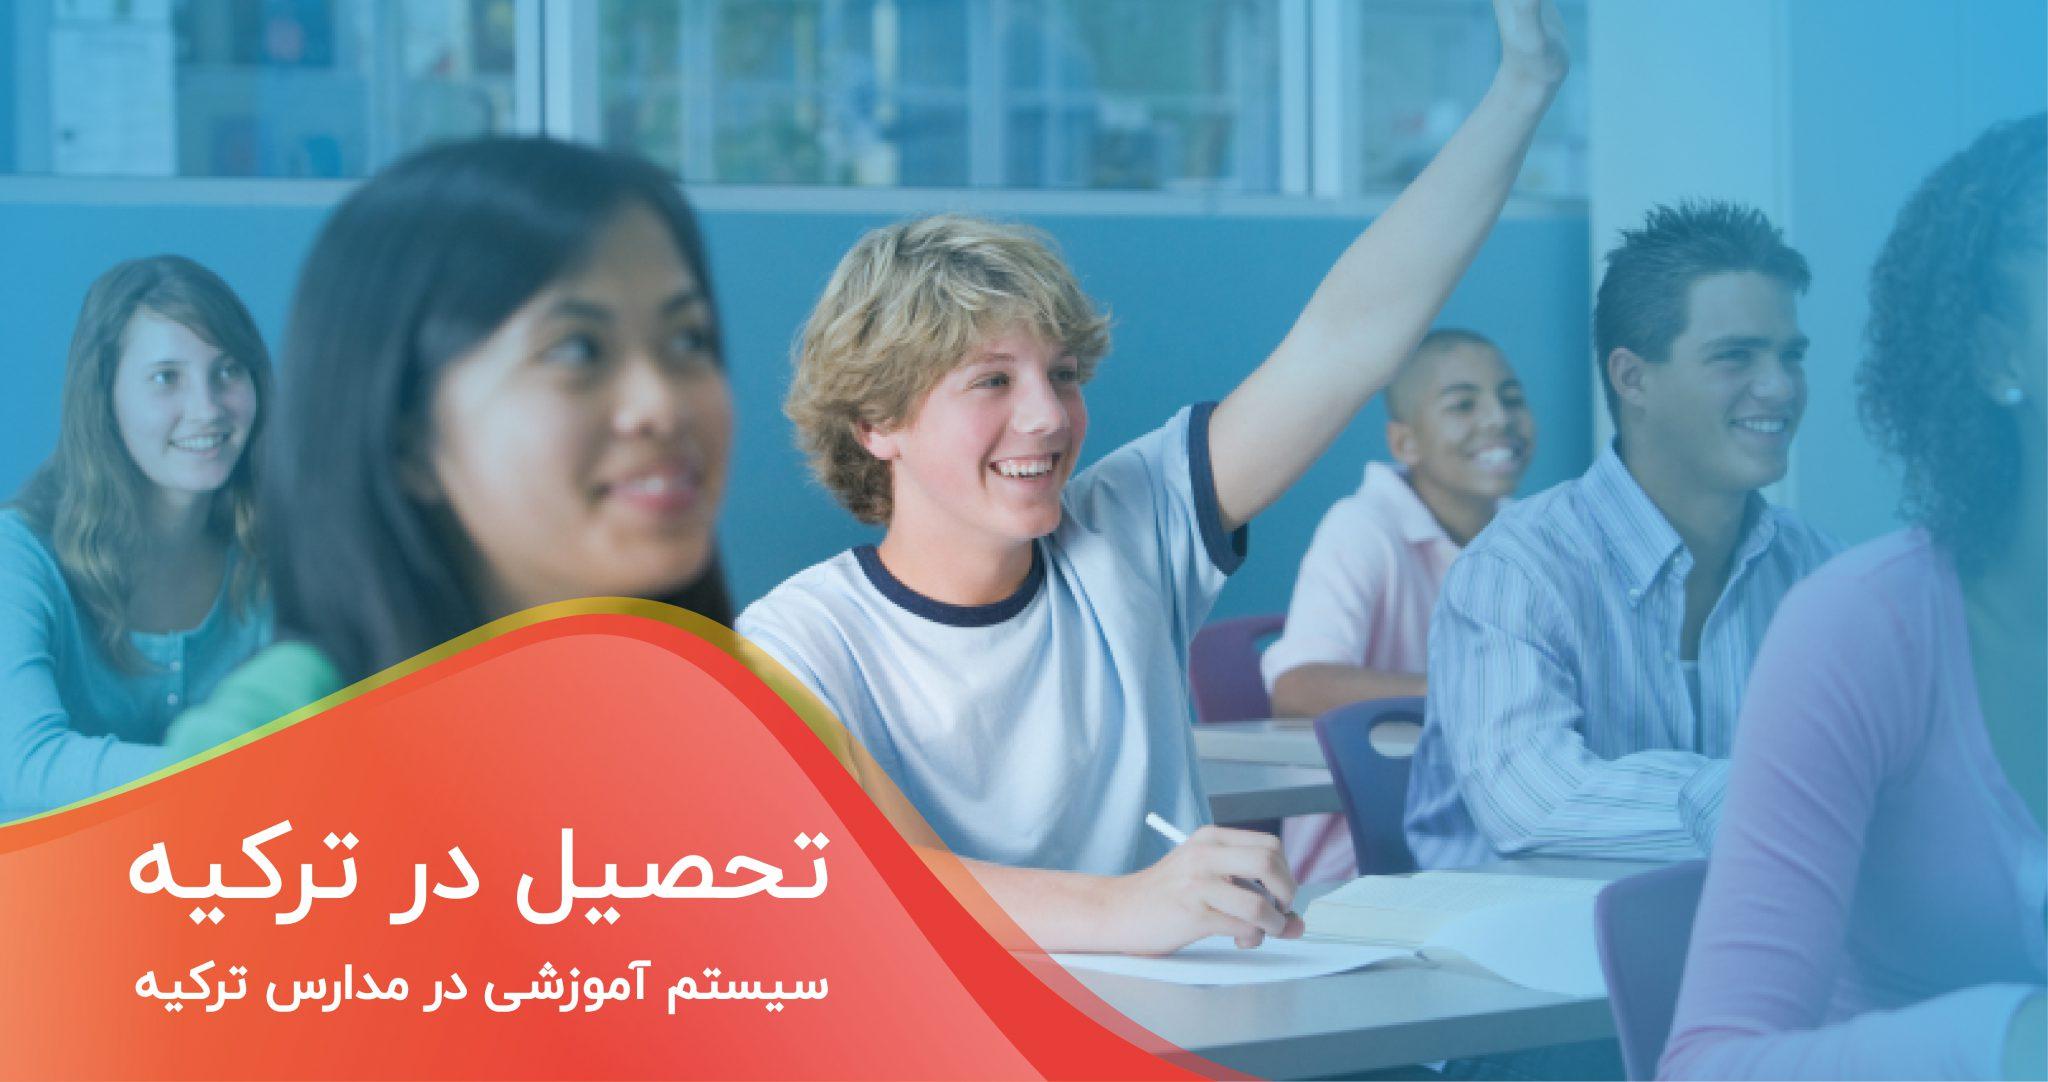 سیستم آموزشی در مدارس ترکیه